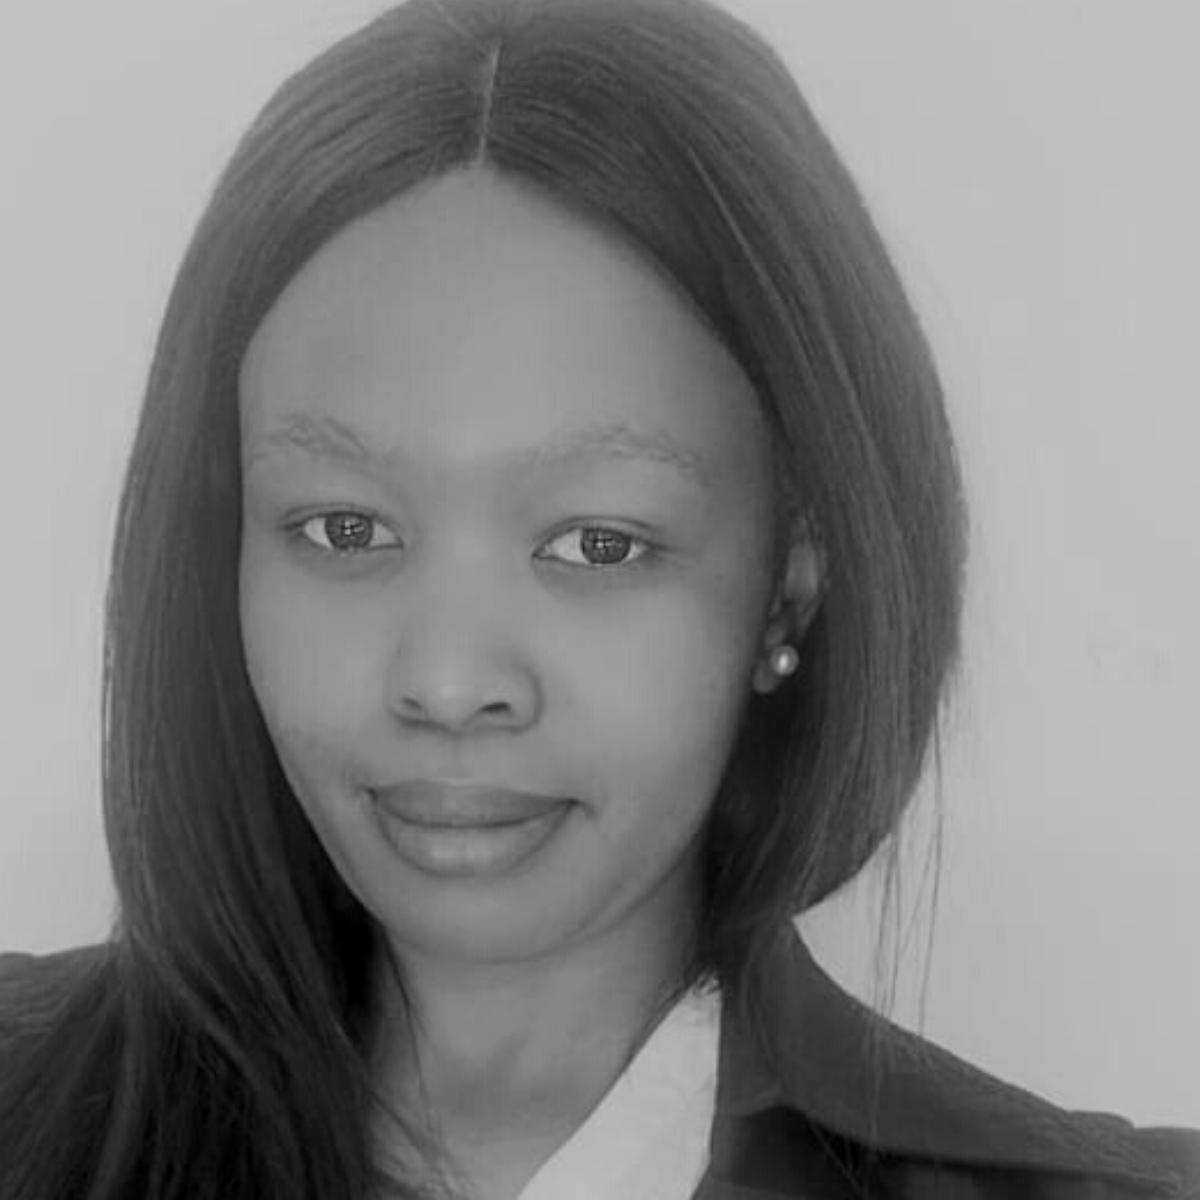 Lelethu Nkomo